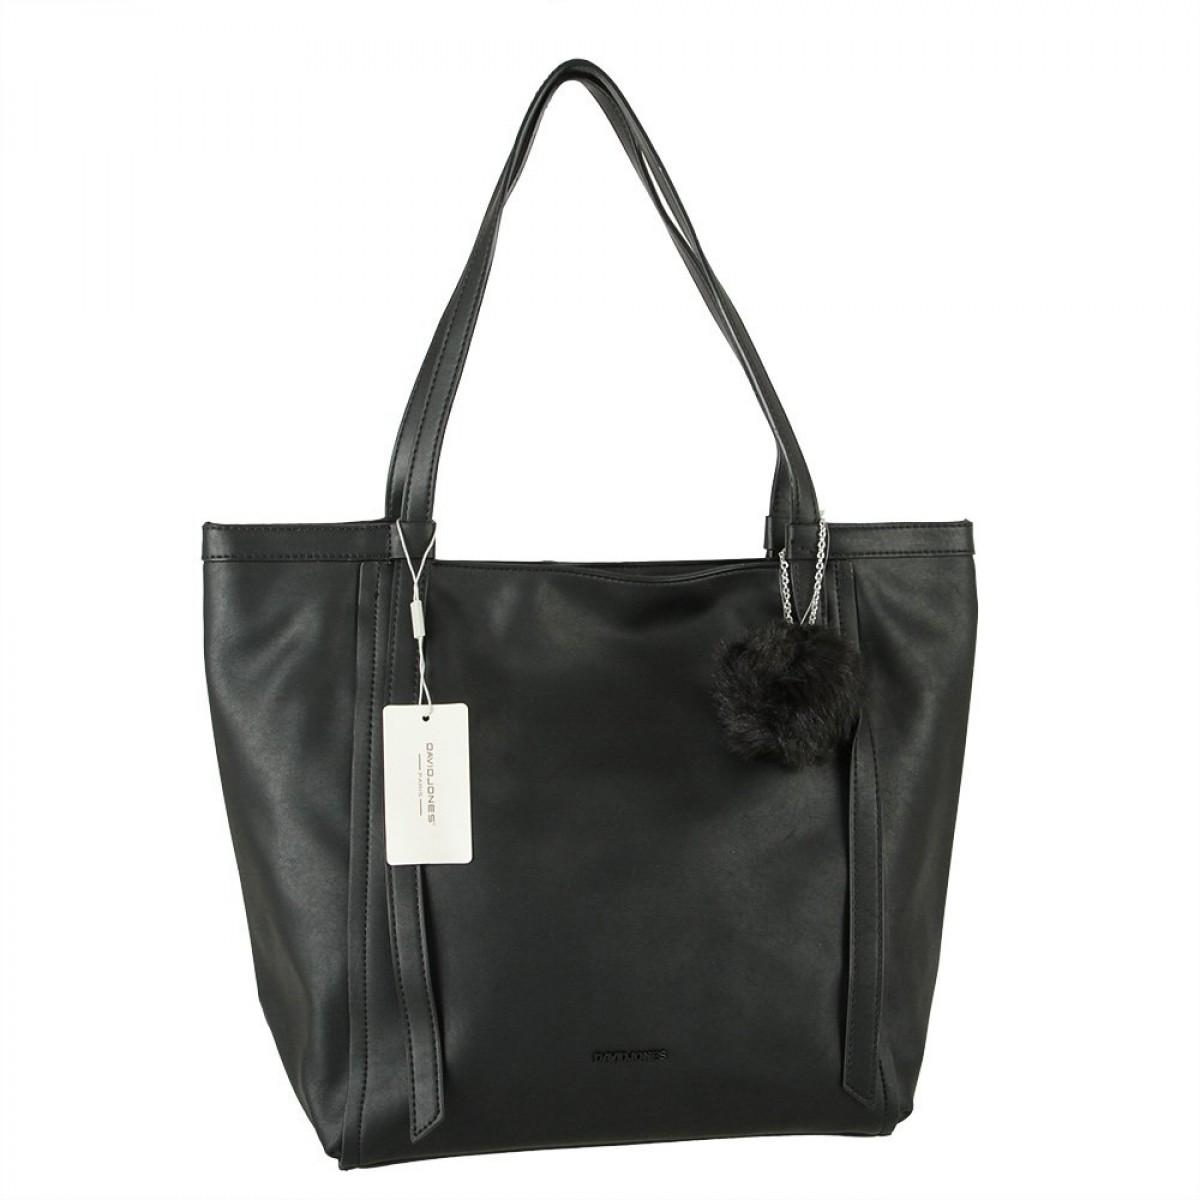 Жіноча сумка David Jones CM5856 BLACK